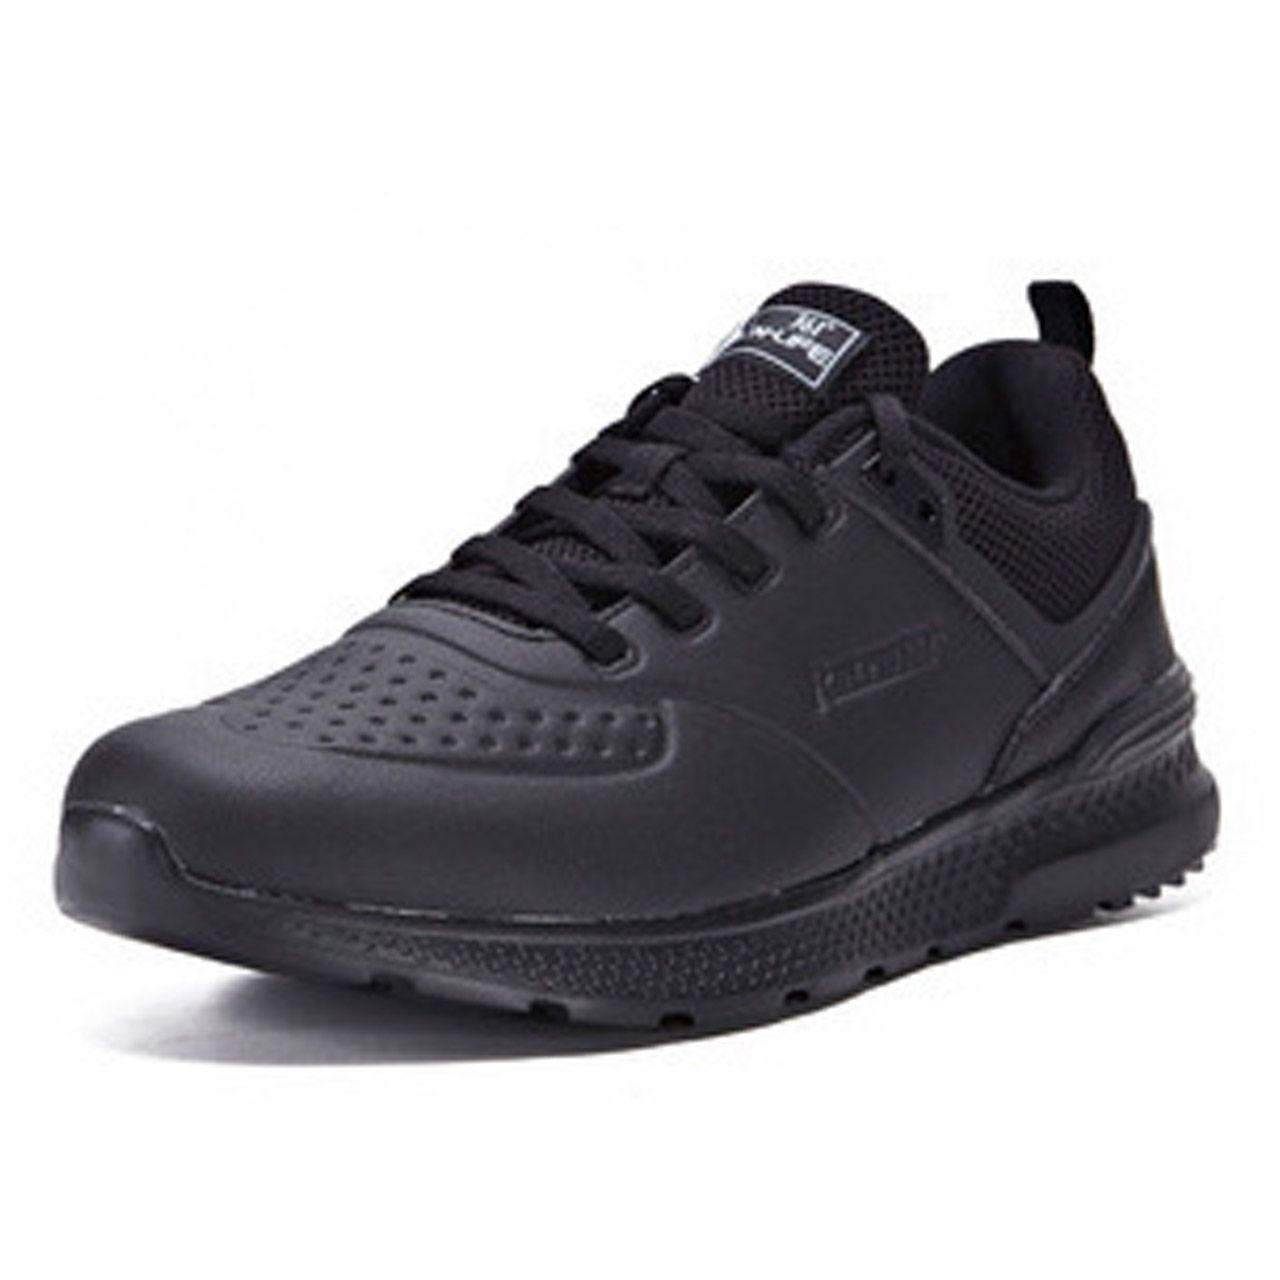 کفش مخصوص پیاده روی مردانه 361 درجه مدل W571842239-4 -  - 2